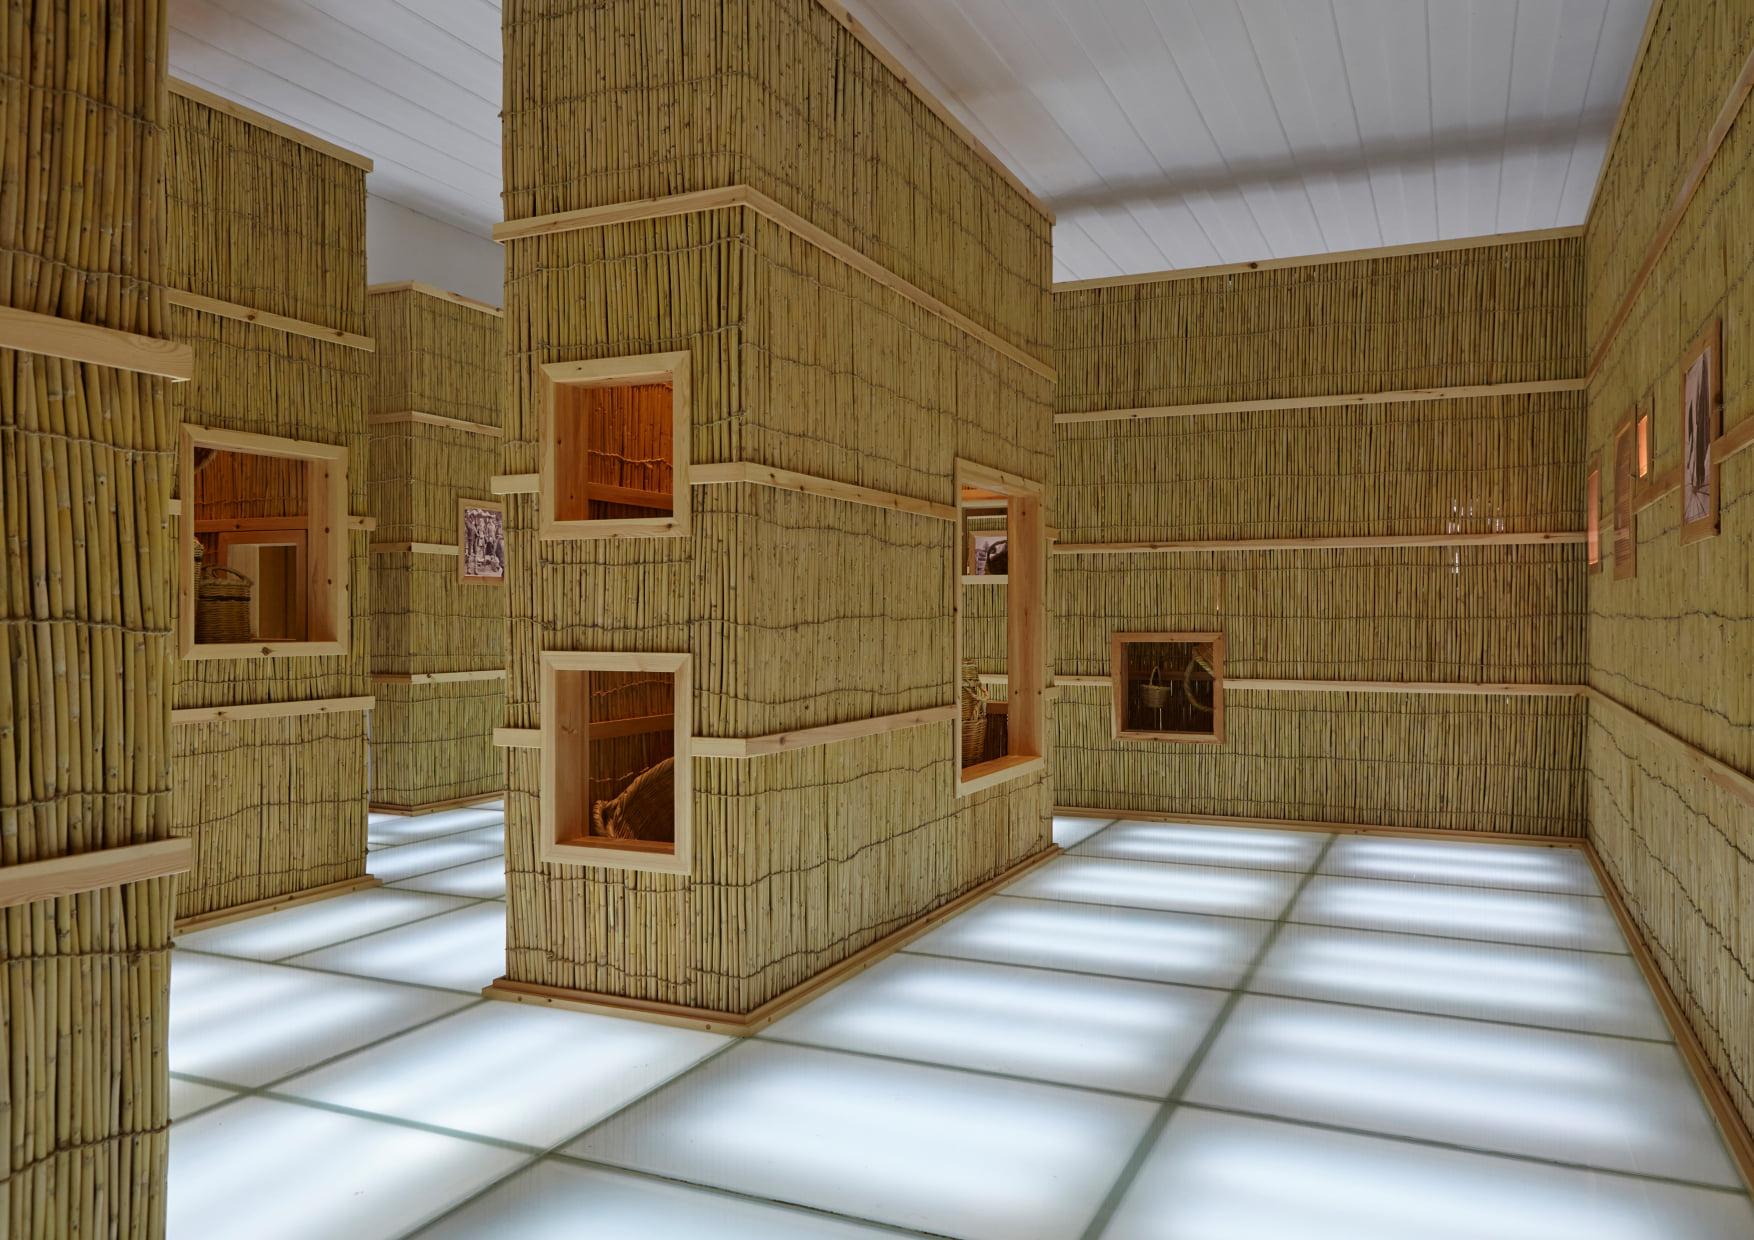 Λιβάδια: Διάκριση για το Μουσείο Μνήμης Καλαμουργικής